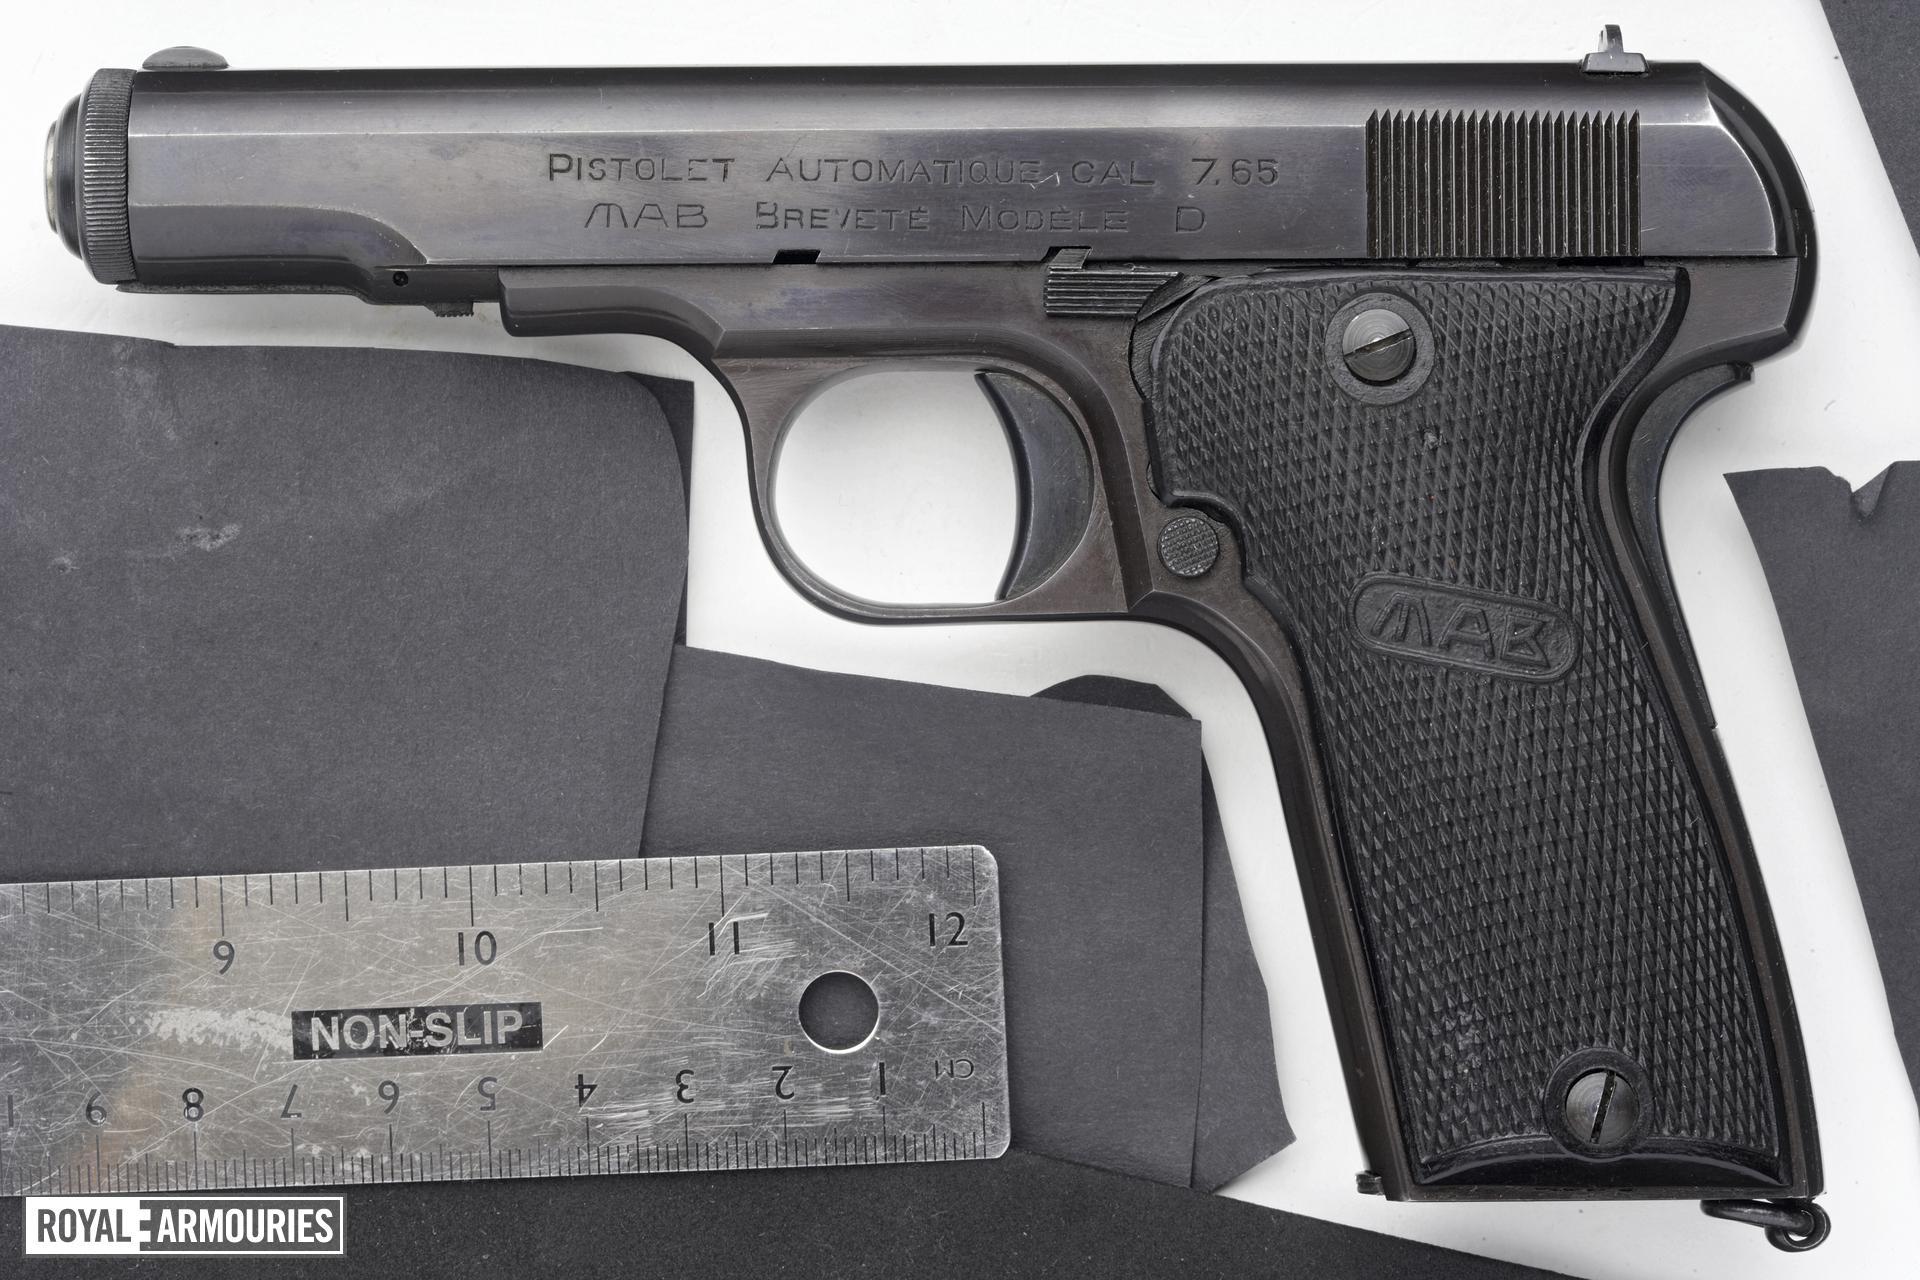 Centrefire self-loading pistol - MAB Model D